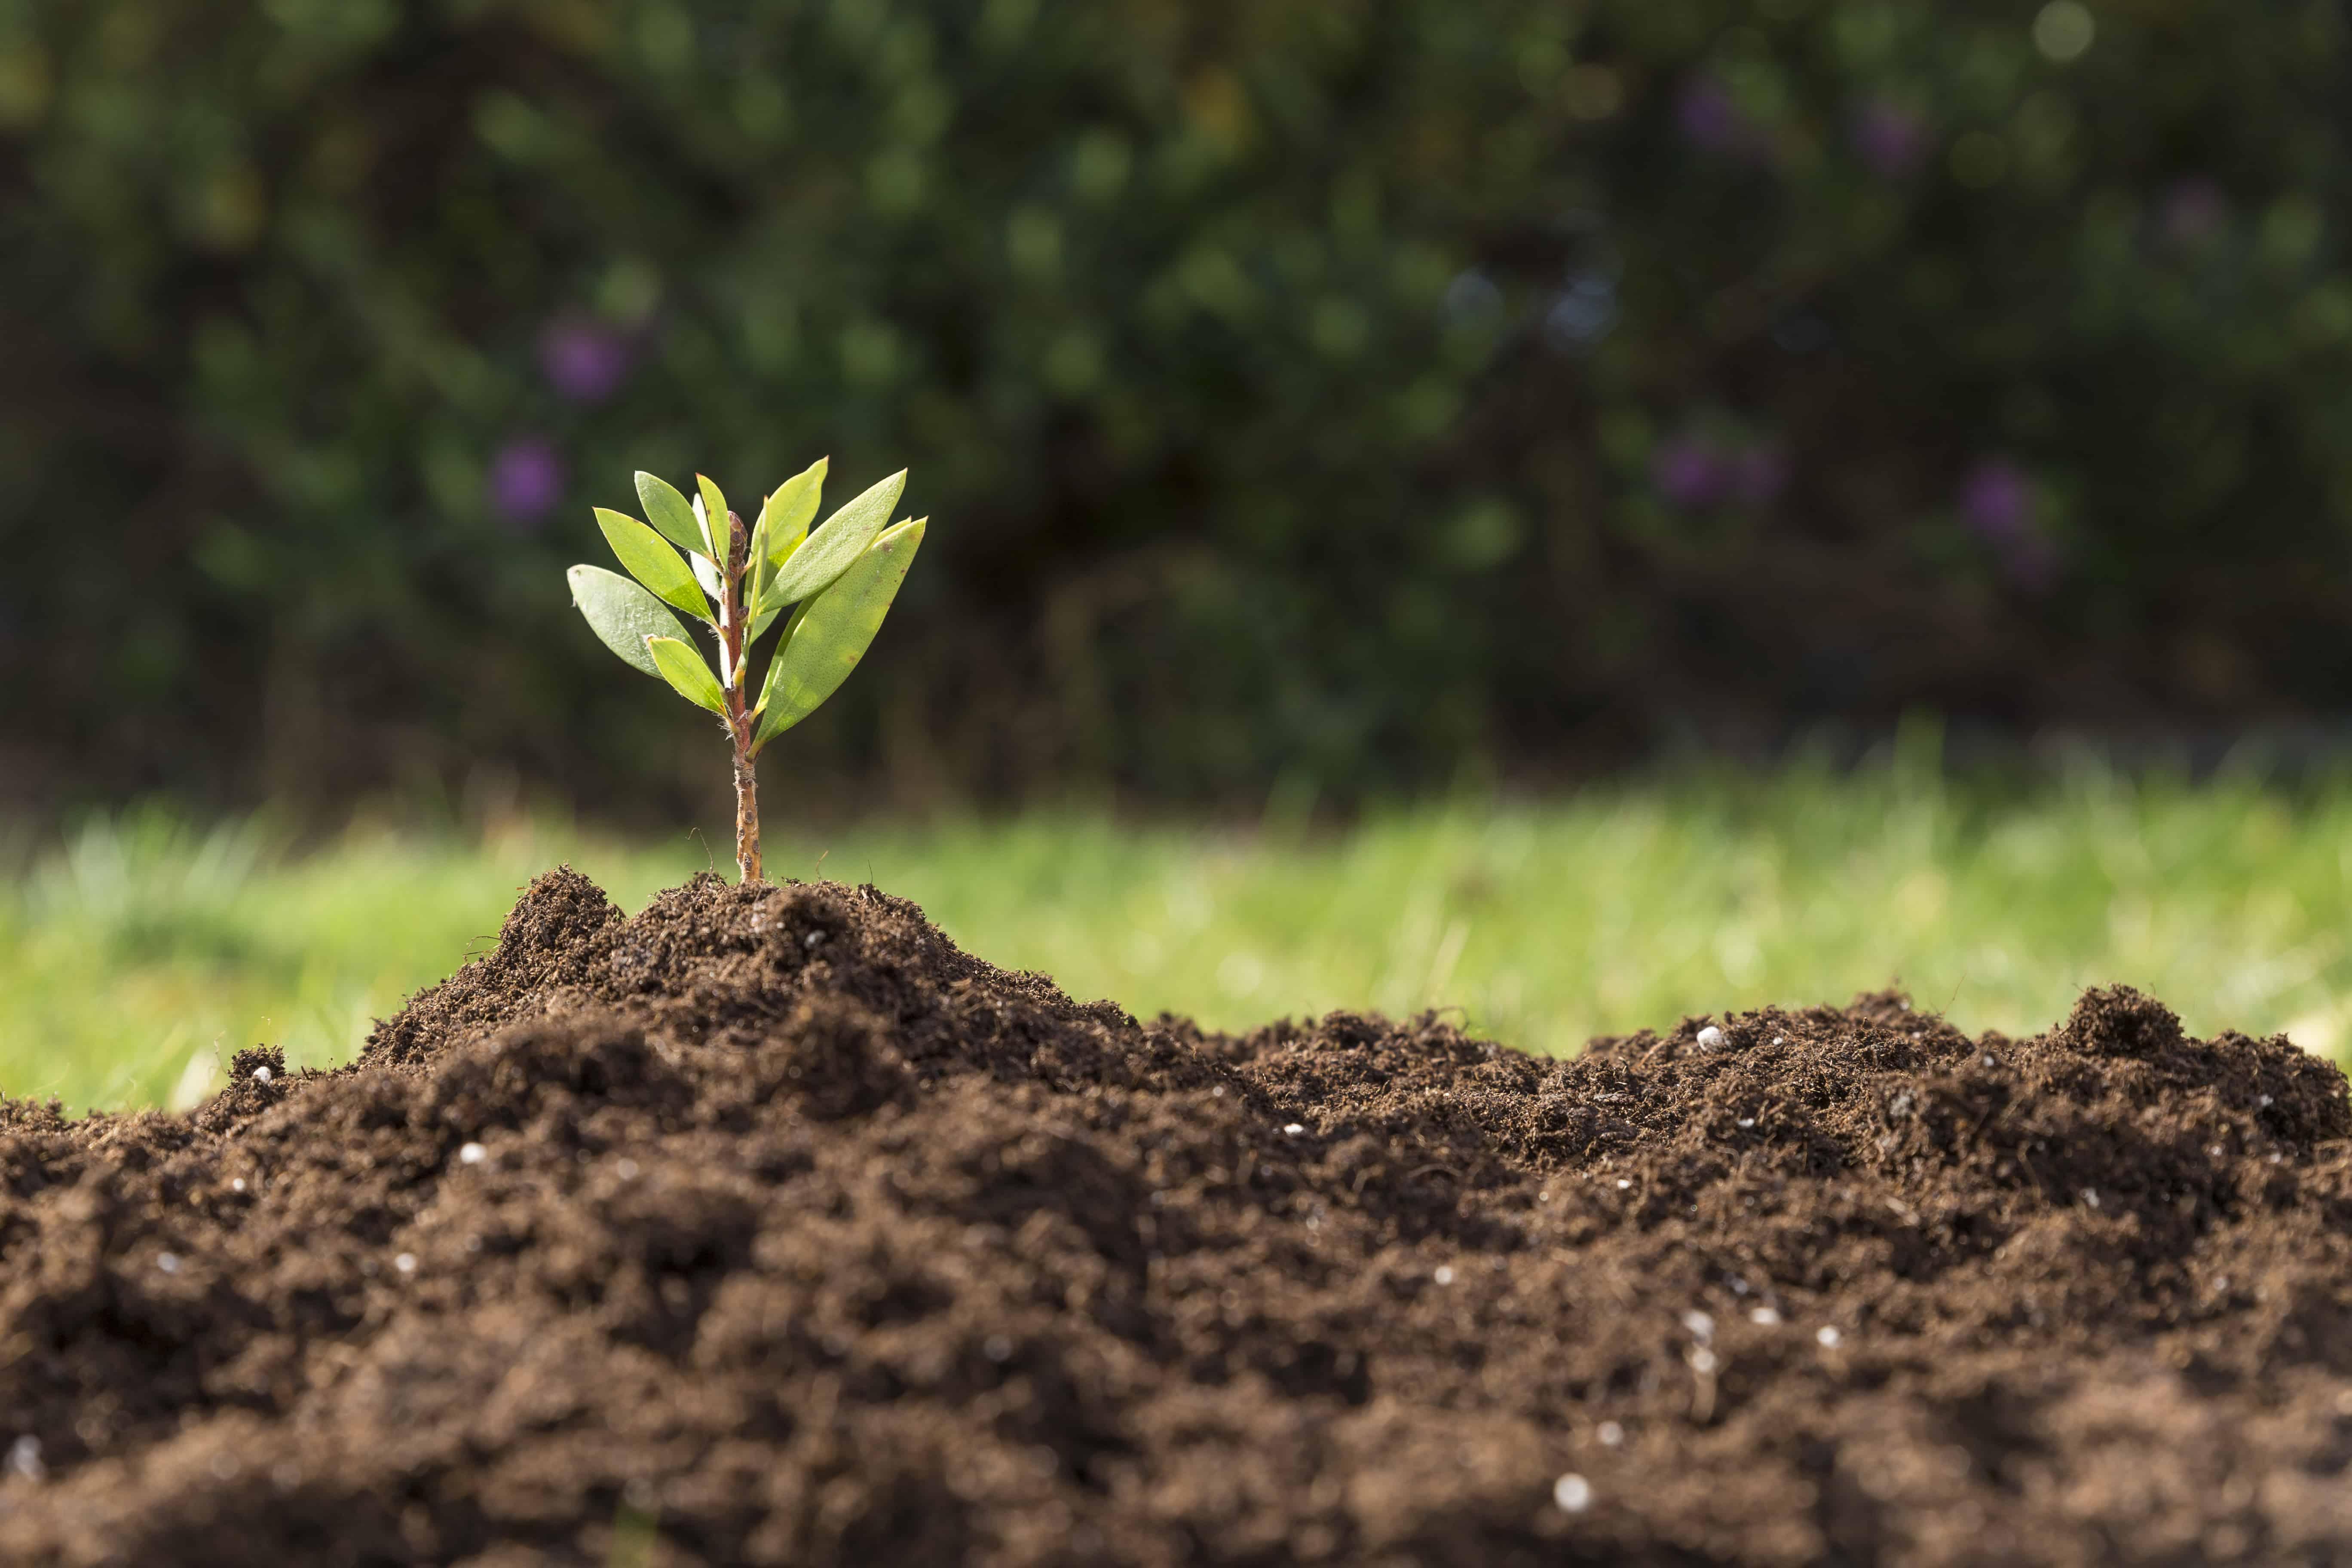 As plantas, seus metabolismos e comportamentos são os objetos de estudo da Fisiologia Vegetal.